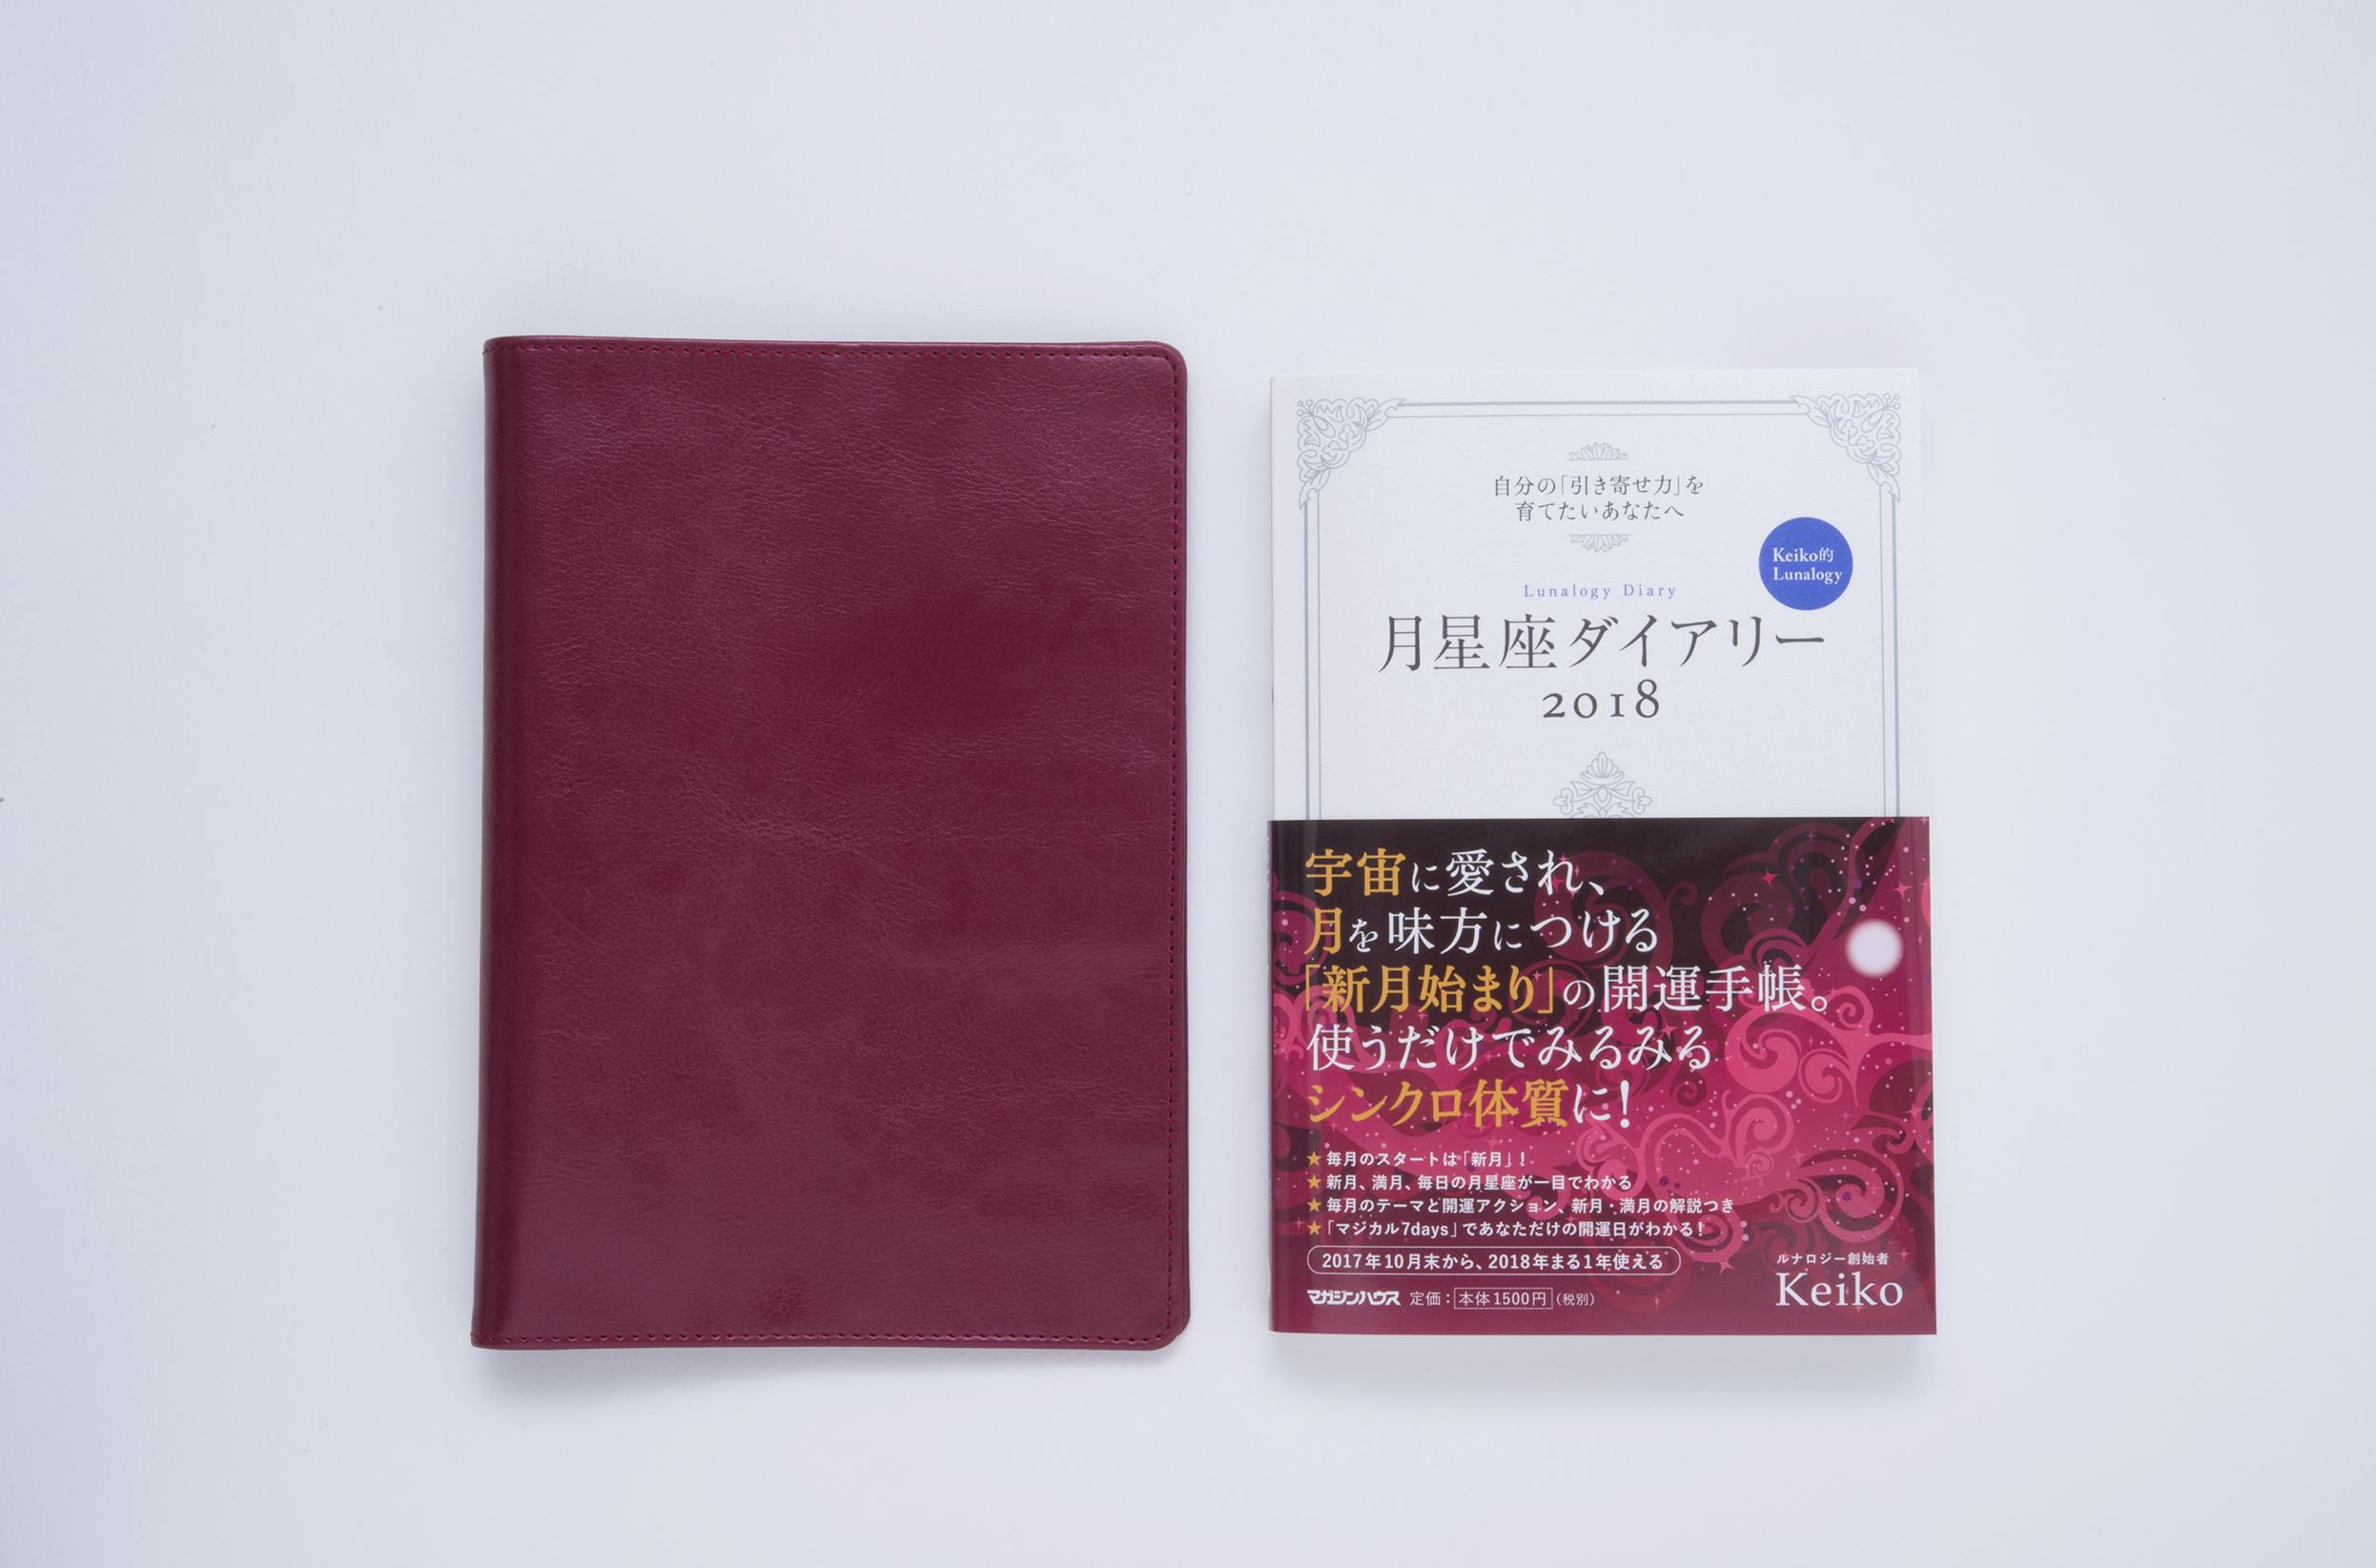 Keiko監修 オリジナルブックカバー